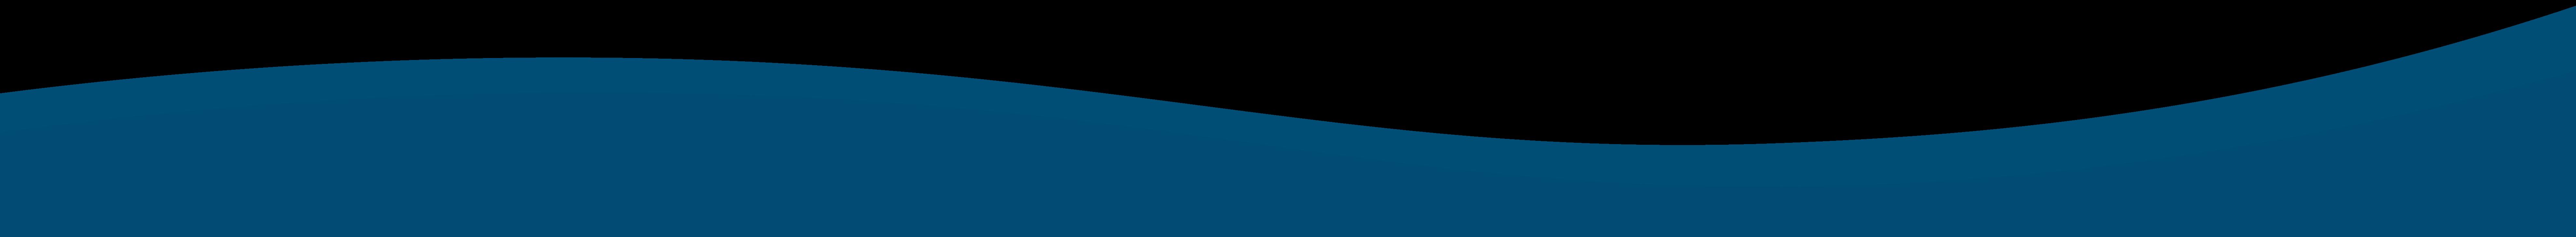 Sourcebreaker-wave-solid-navy (2) copy-3